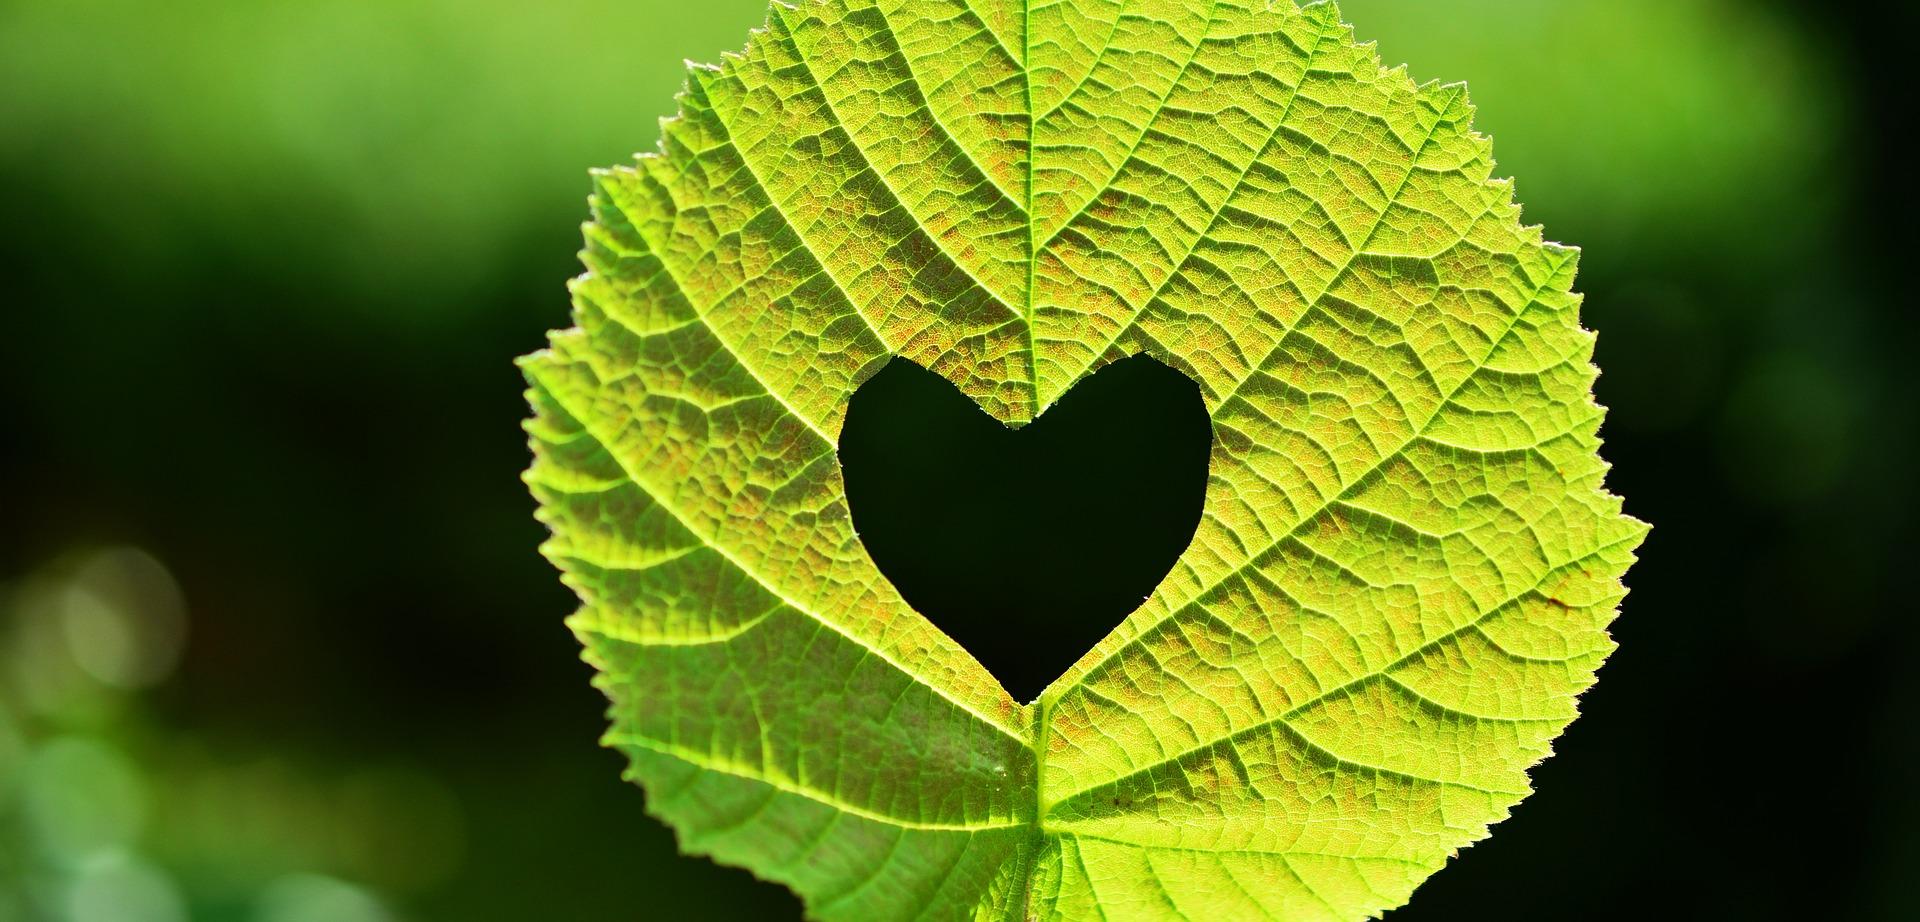 een podcast luisteren - het groene hart van